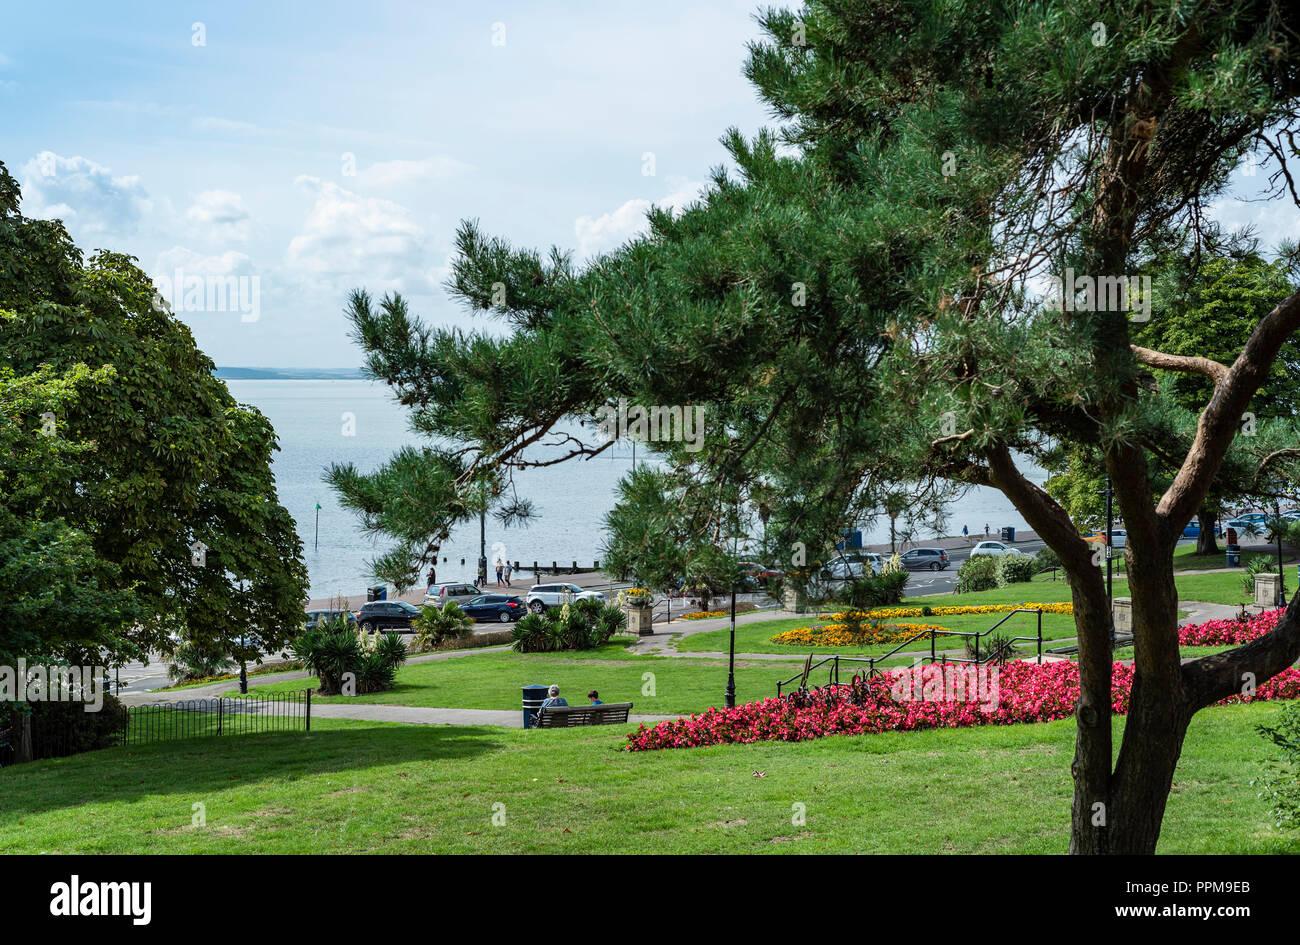 Cliff gardens Southend on sea council park. Seaside municipal garden. Stock Photo